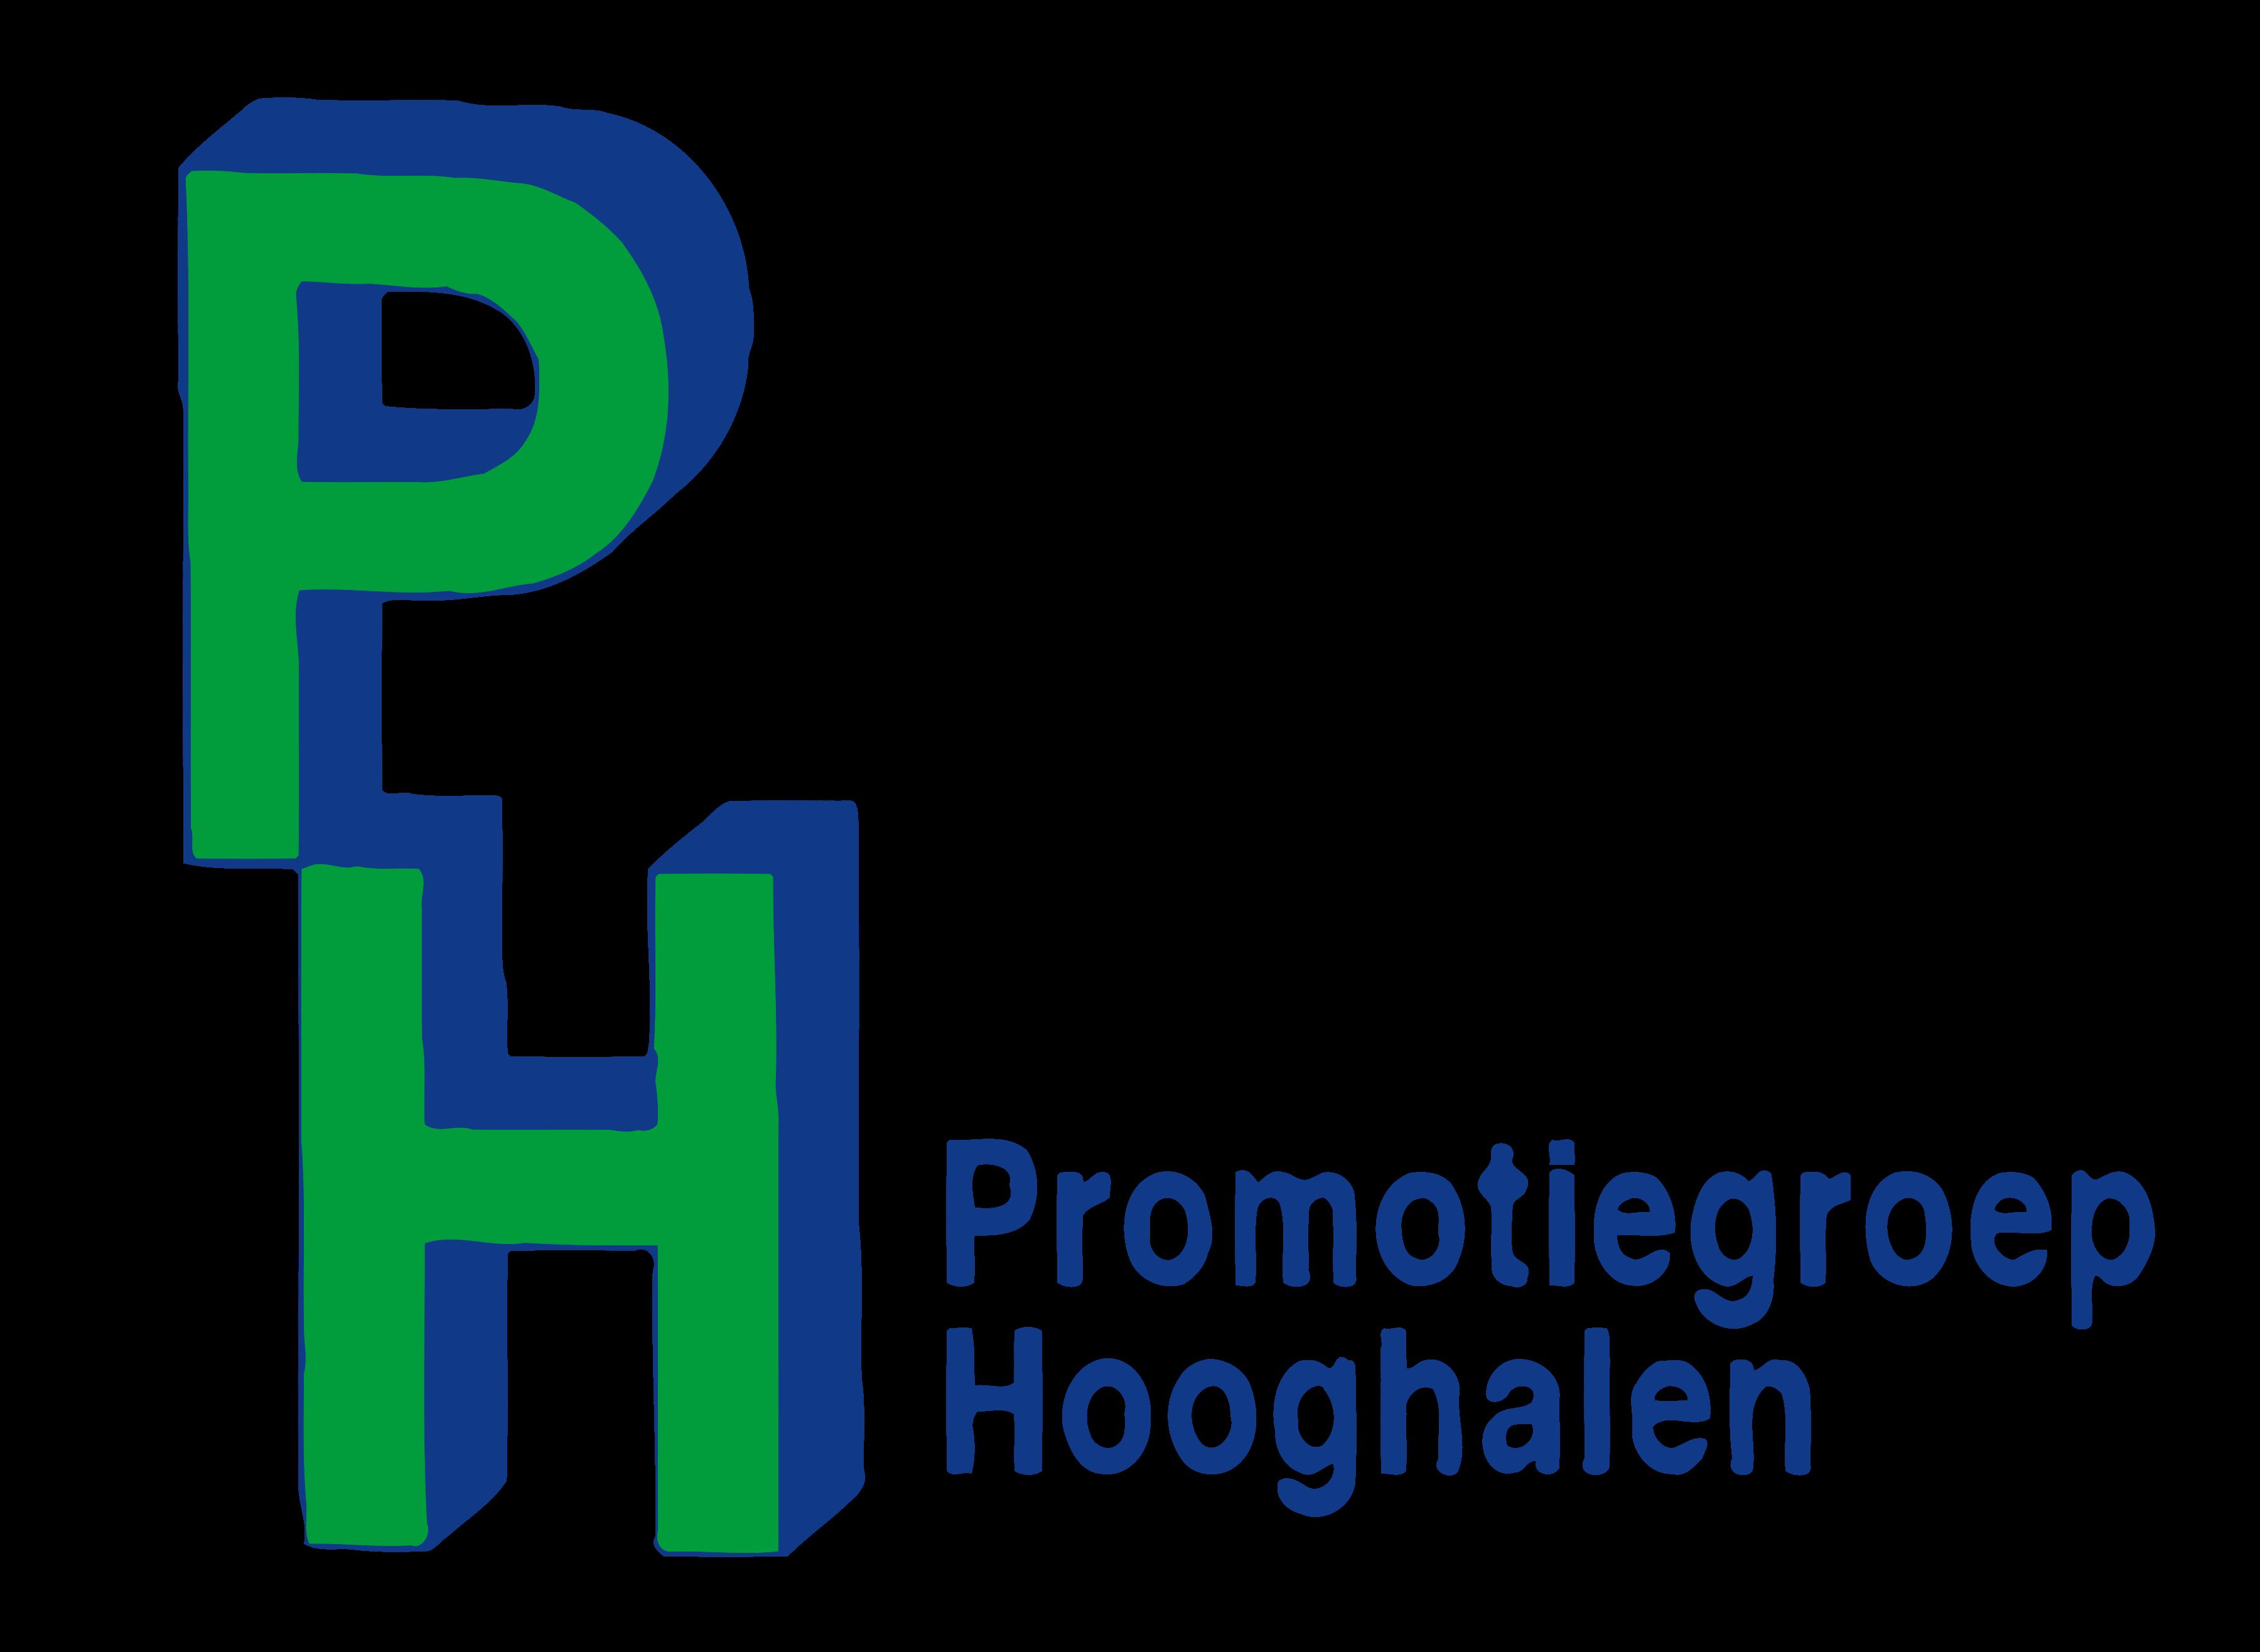 Promotiegroep Hooghalen